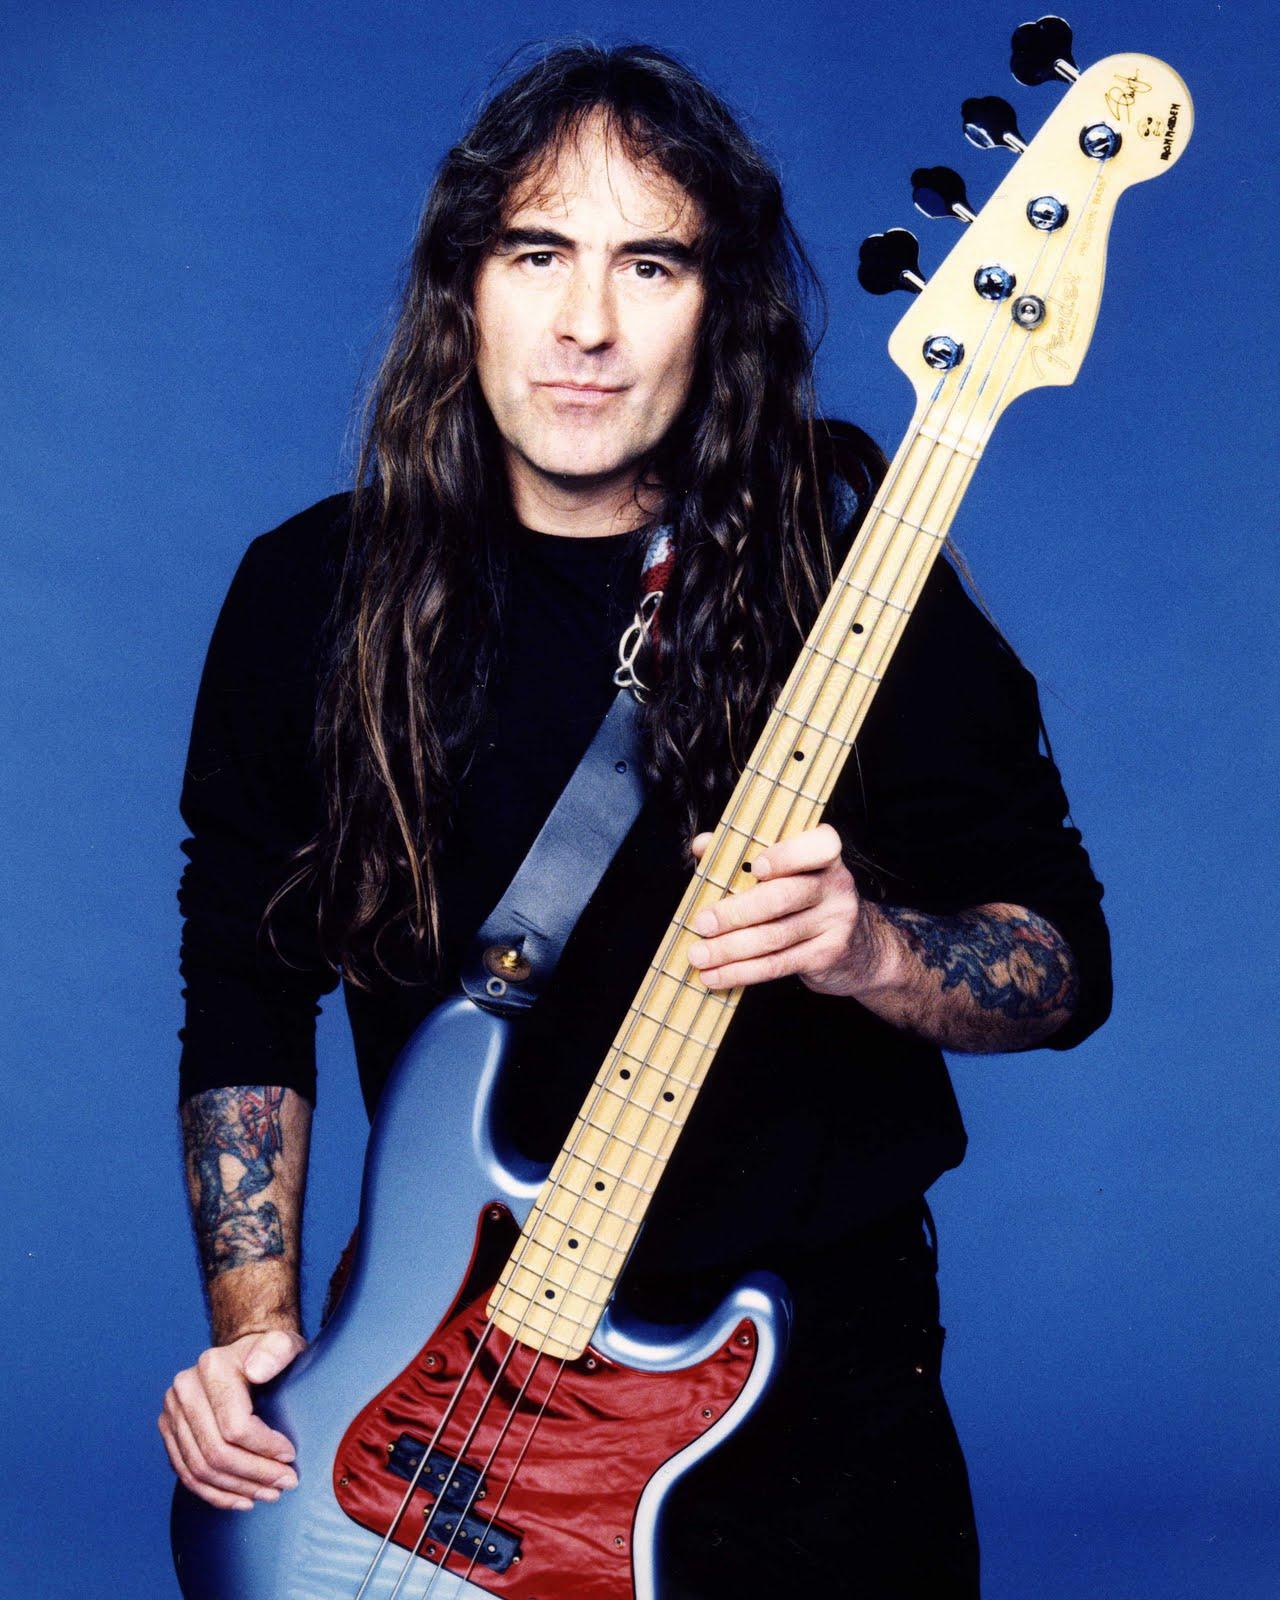 Seu baixista e o baixo dele - Página 2 Steve-Harris-Simon-Fowler-20032